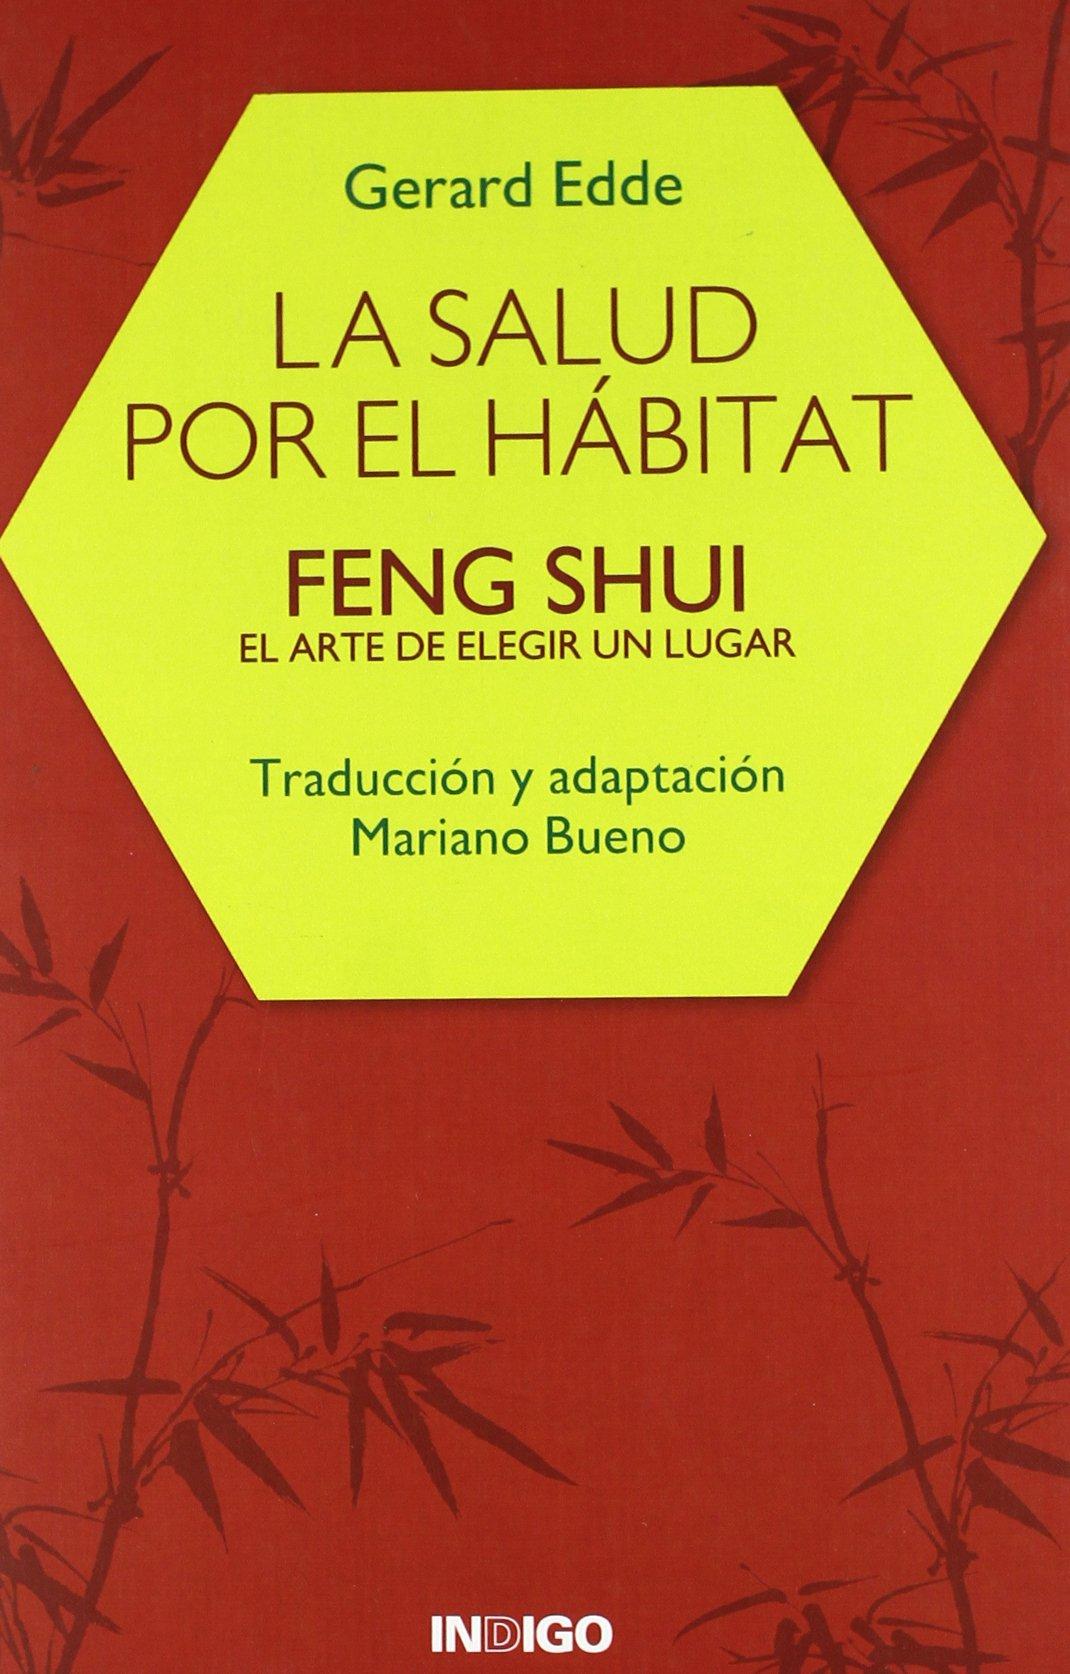 Salud por el habitat, la - feng shui - el arte de elegir un lugar Tapa blanda – 15 sep 2009 Gerard Edde Indigo Ediciones Sa 8486668484 AGP_0001996